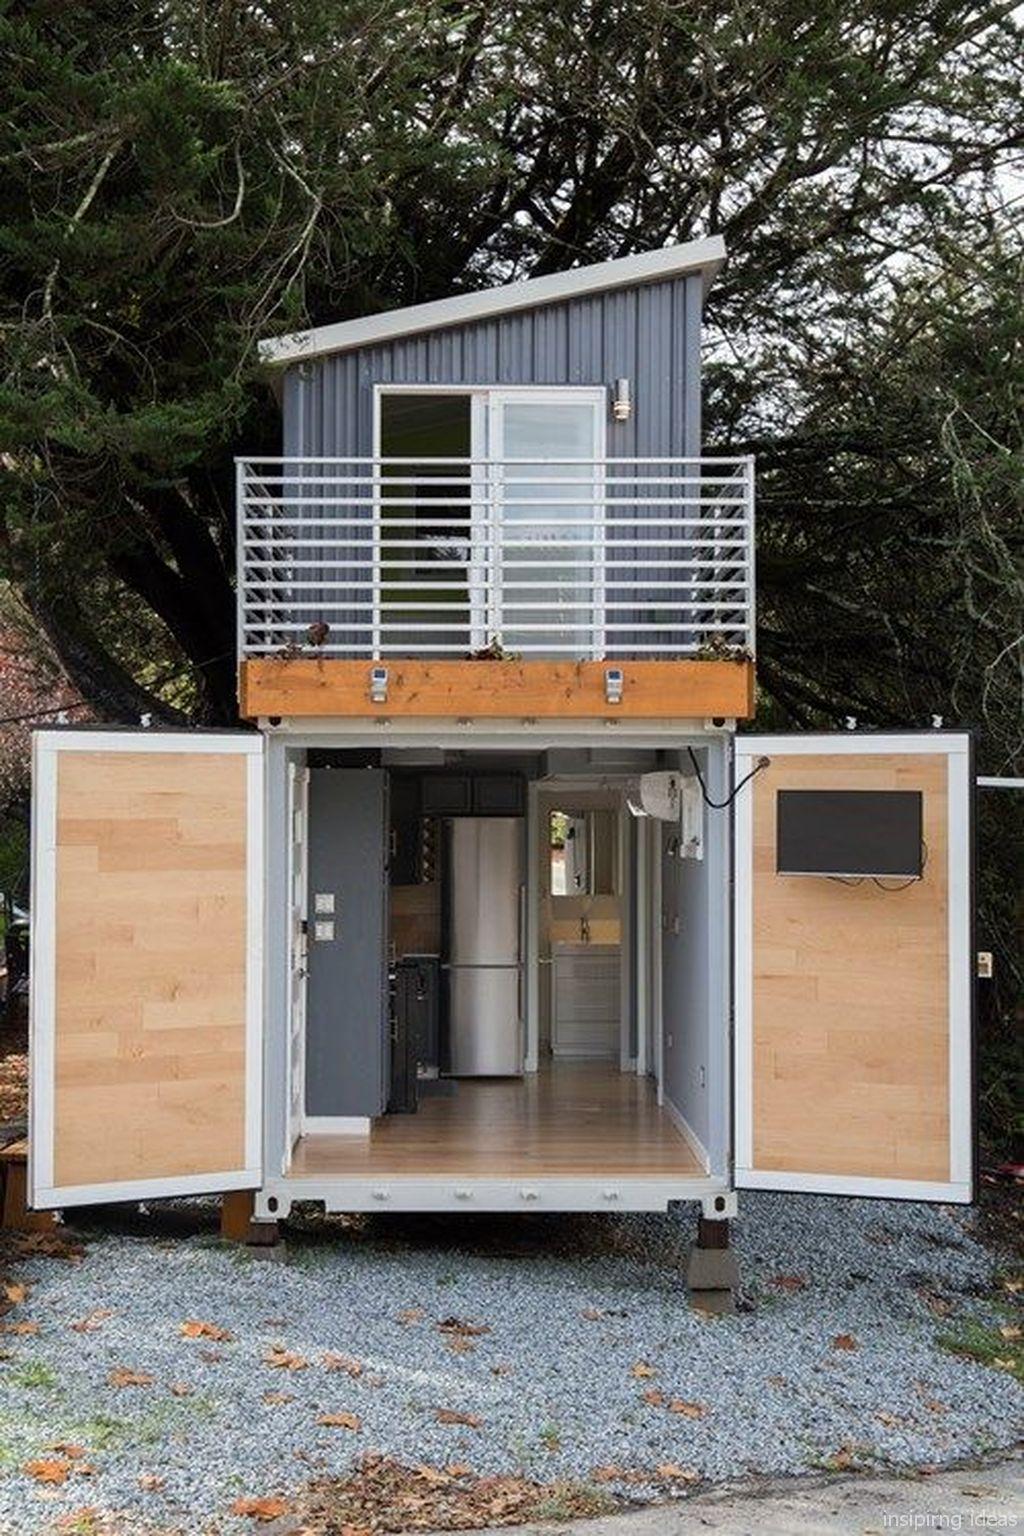 Pin von Don Wehr auf Shipping Container Ideas | Pinterest ...